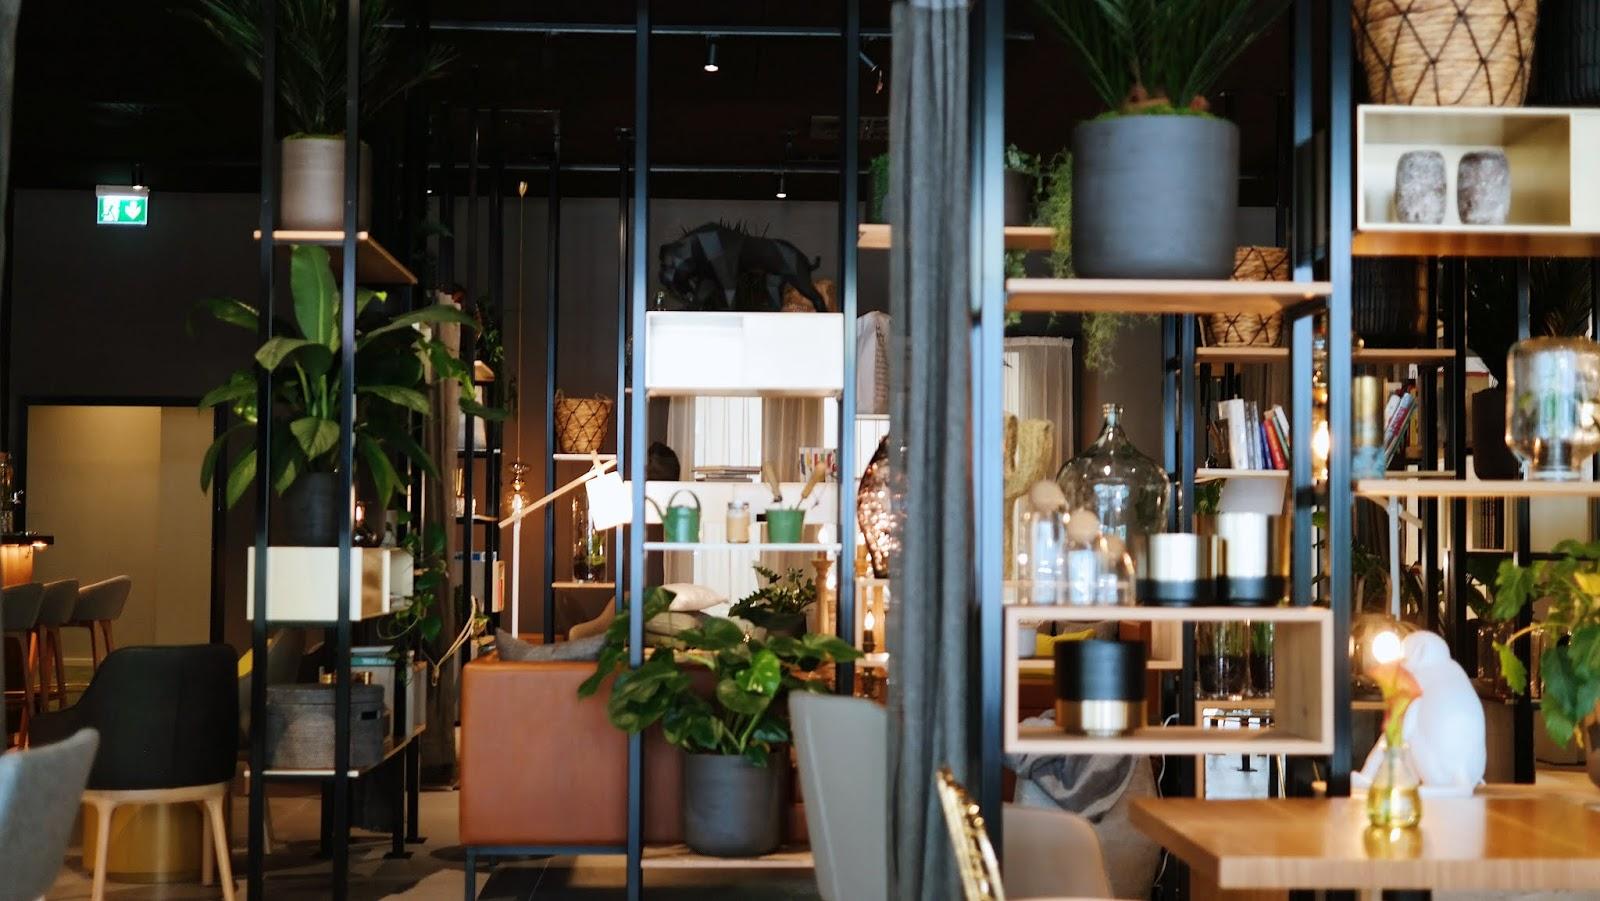 Das NinetyNine Hotel ist die Oase im Wuppertaler Großstadt-Dschungel. Nach zweijähriger Sanierungs- und Bauzeit eröffnet am 29. Juli 2019 das zweite Haus der Marke NinetyNine Hotels im pulsierenden Stadtteil Elberfeld. Die 99 ist tatsächlich Programm – in dem ehemaligen Bankgebäude wurden 99 Oasen in der Stadt untergebracht, die durch eine inspirierende Lobby im früheren Kundenzentrum erweitert werden. Erst vor gut sechs Wochen wurde das erste Hotel der neuen Marke in Heidelberg eröffnet. Schon jetzt gehört das Haus zu den besten Adressen in der Neckarstadt.